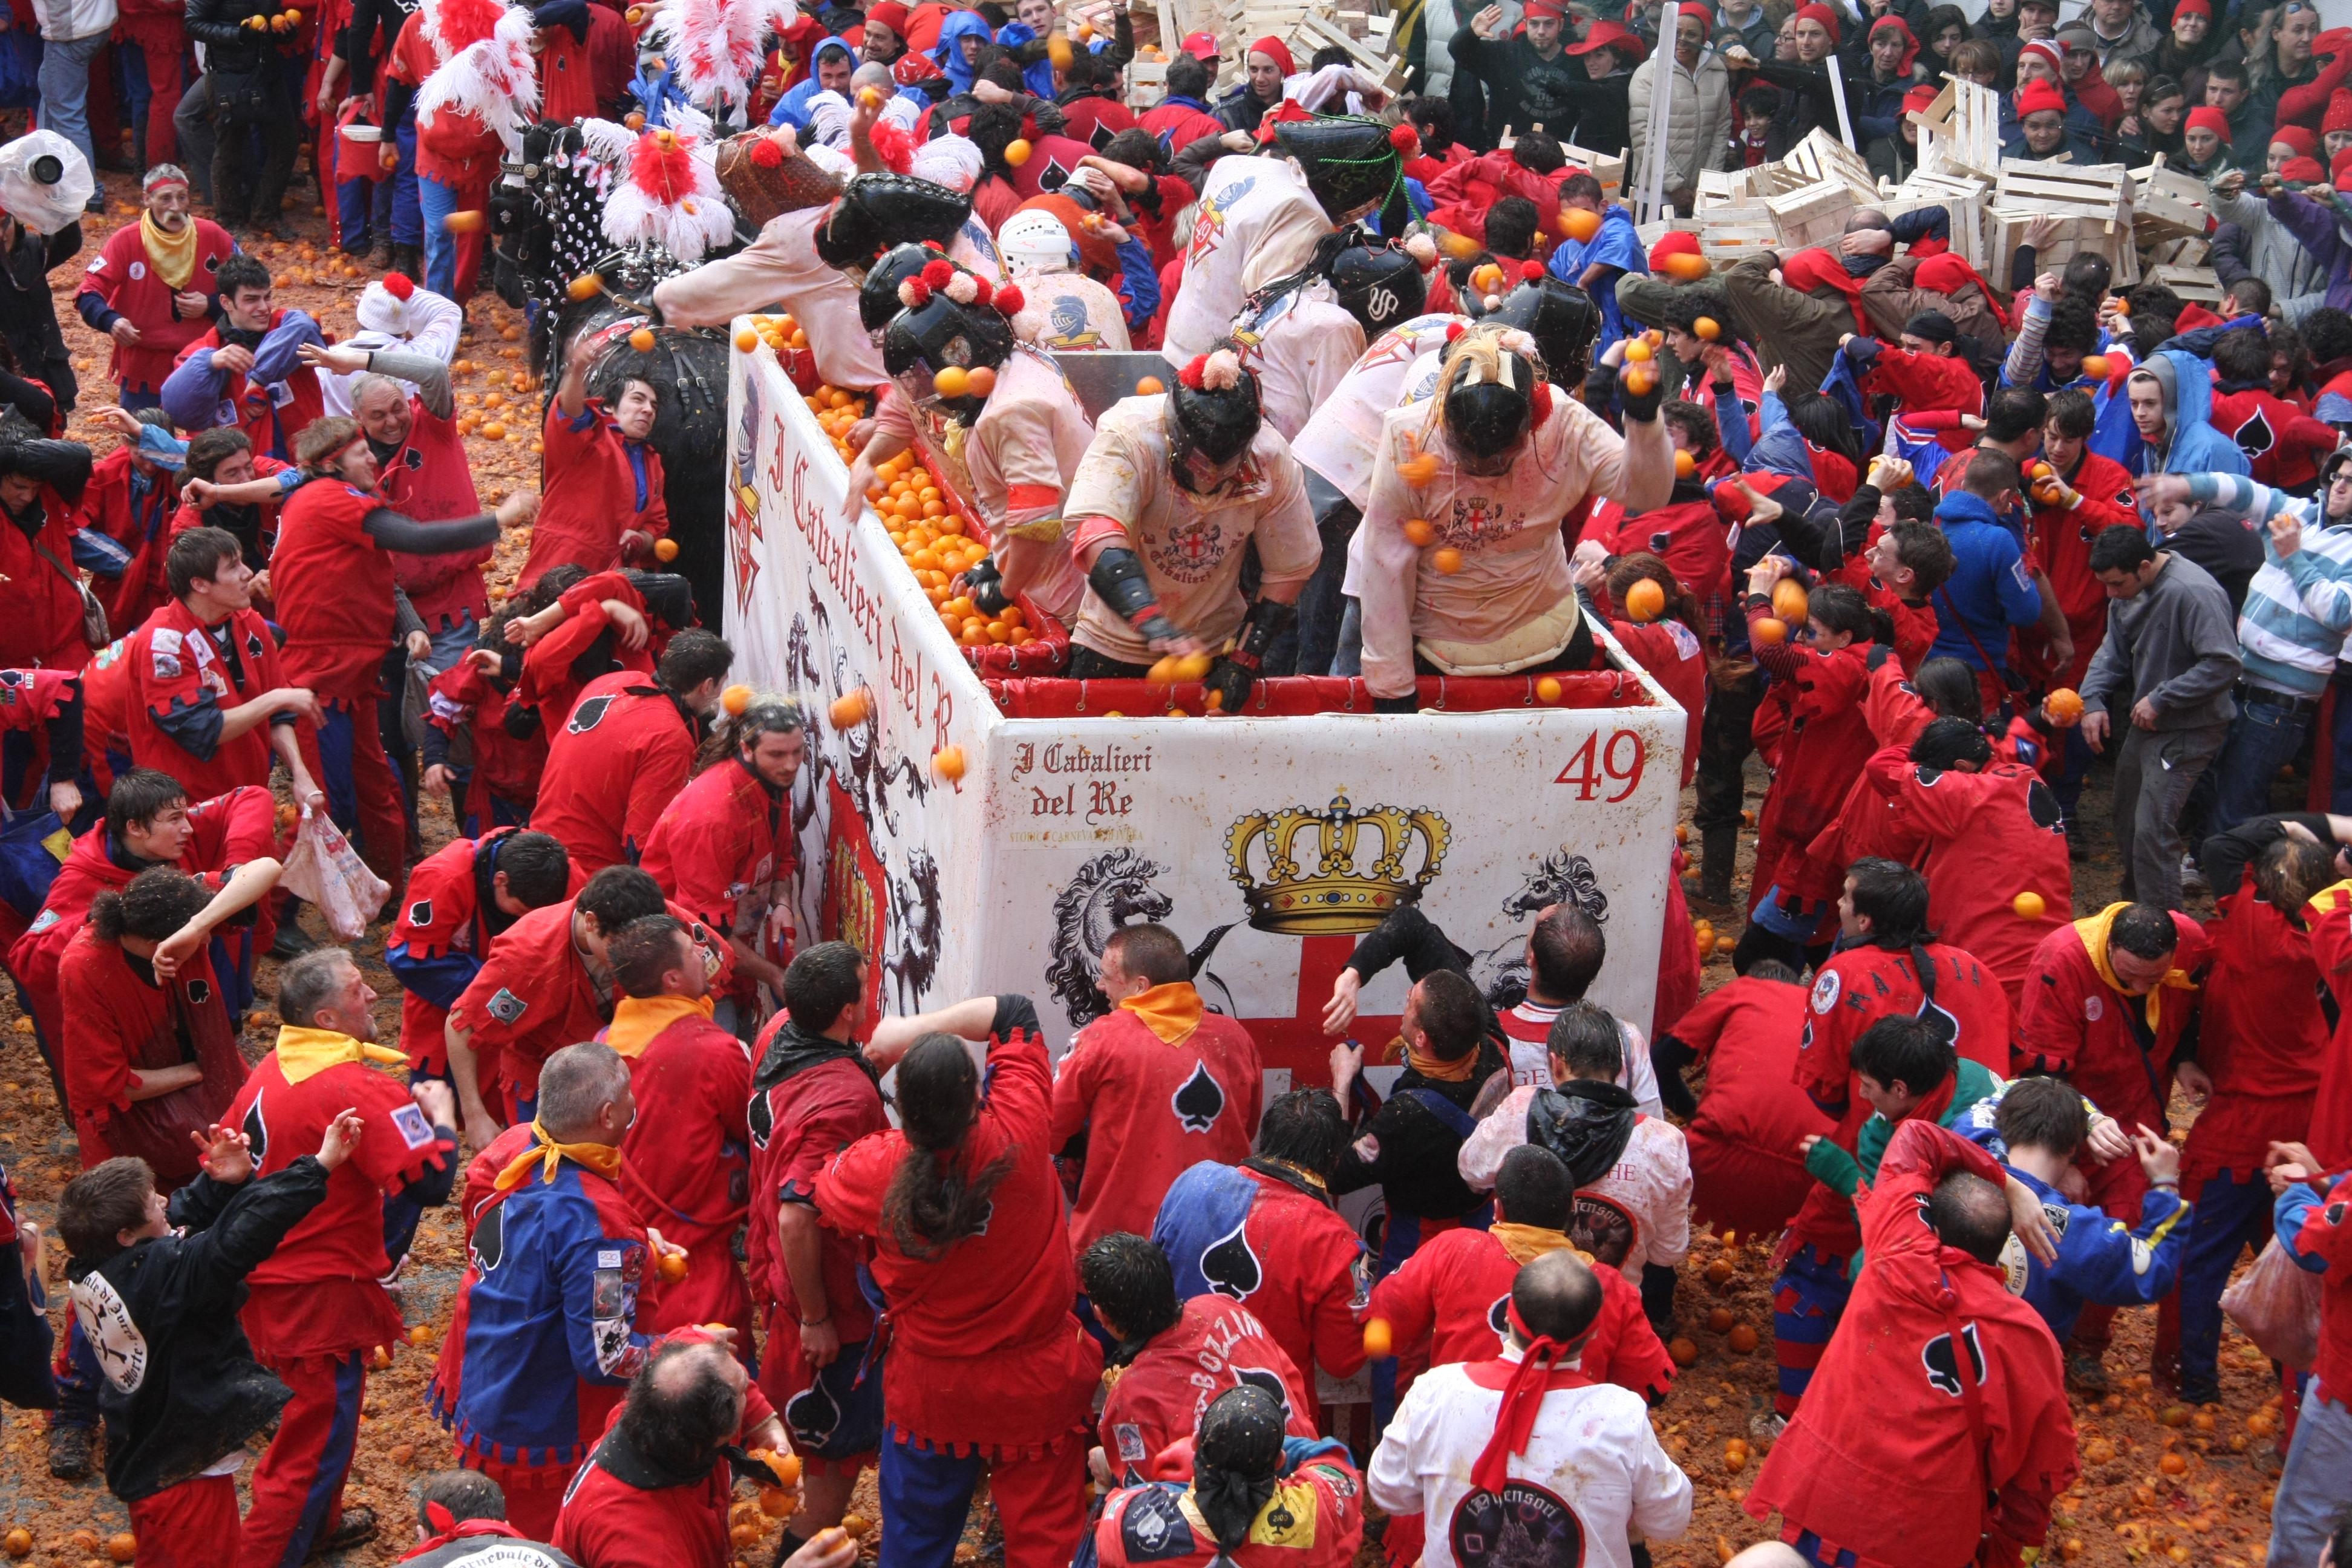 Carnevale_battaglia_delle_arance